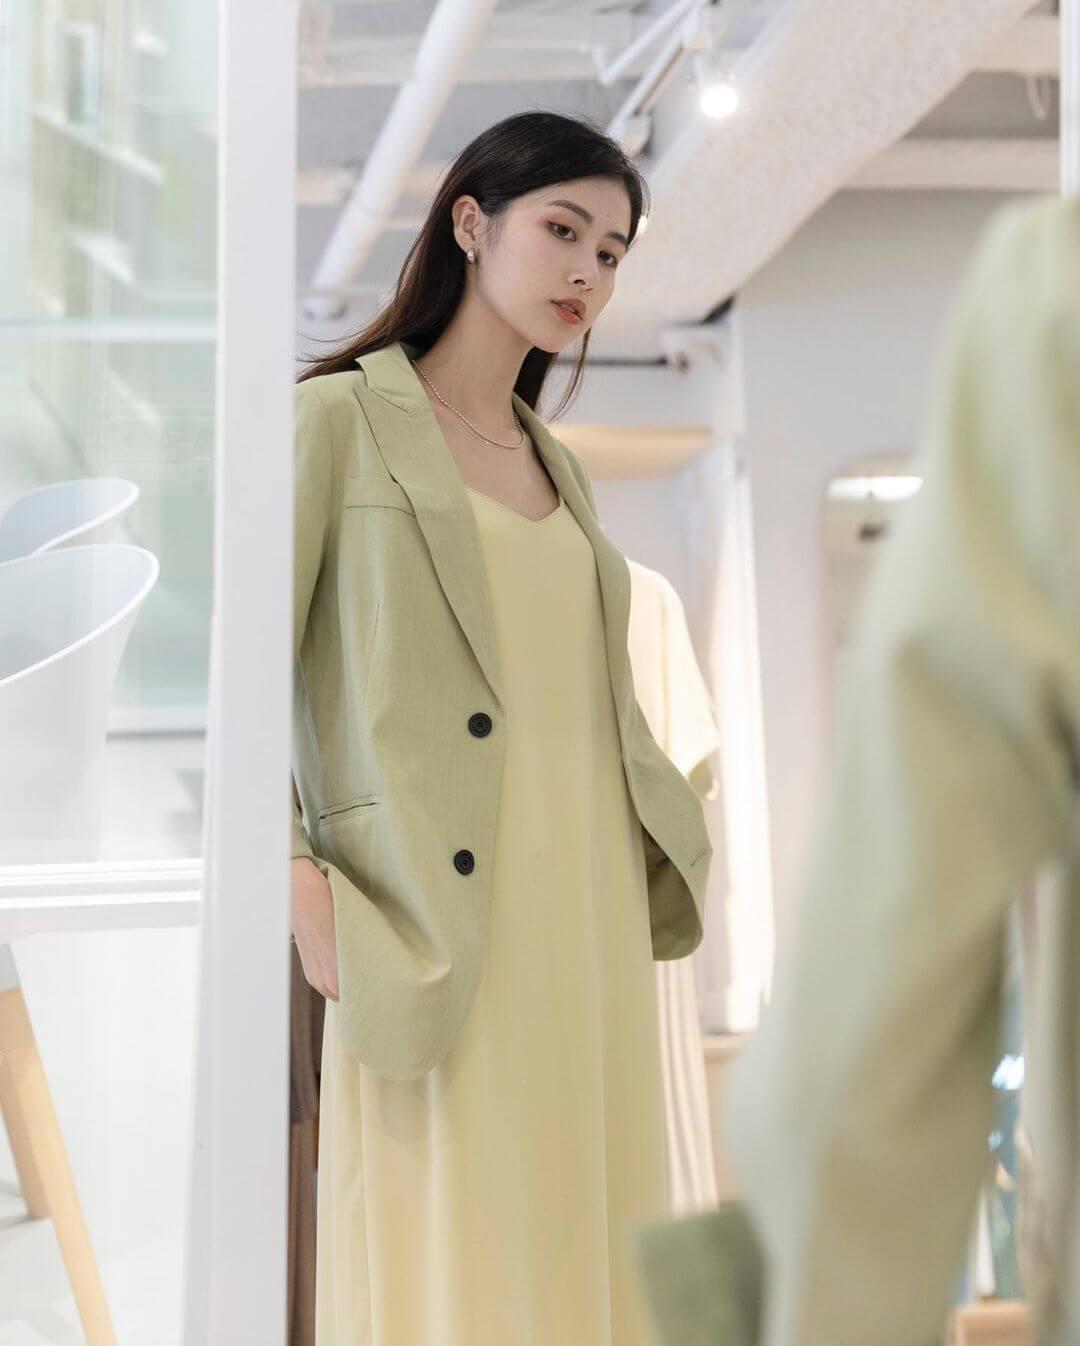 果綠色西裝外套穿搭